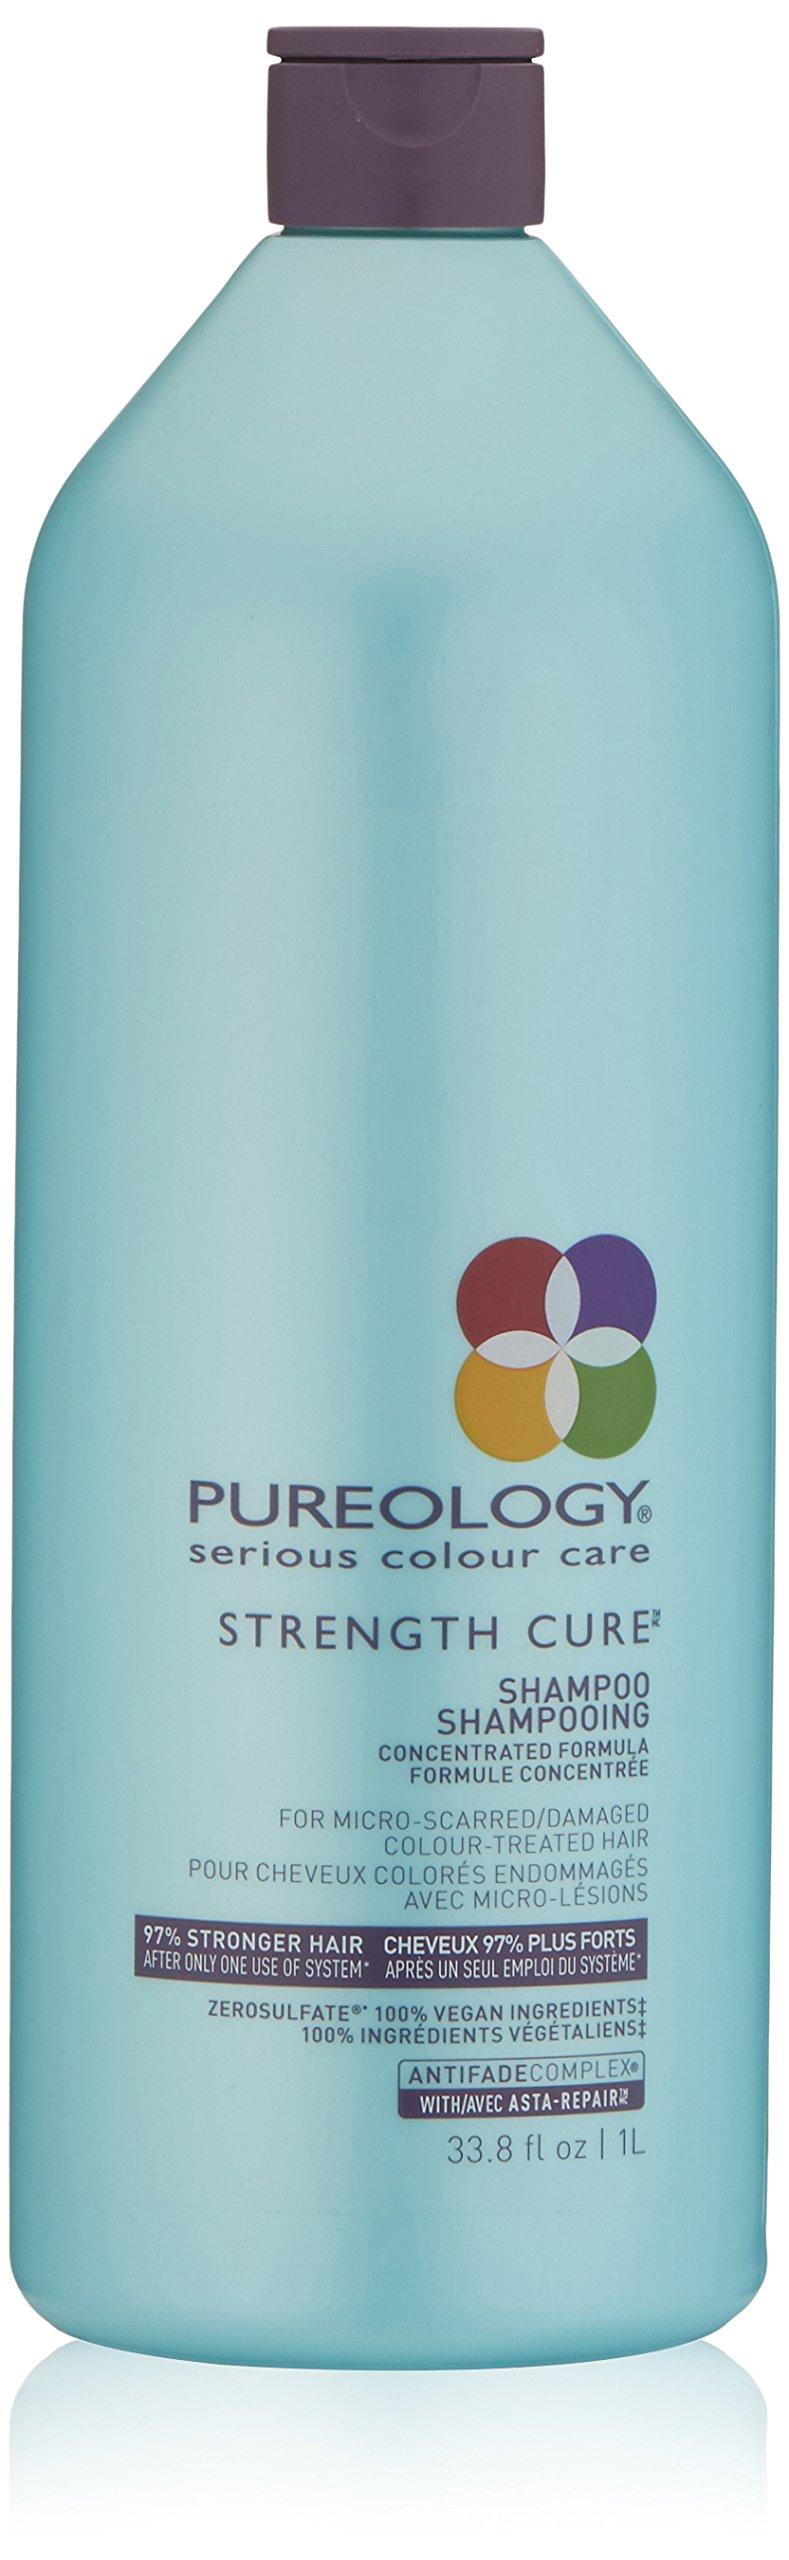 Pureology Strength Cure Shampoo, 33.8 Fl Oz